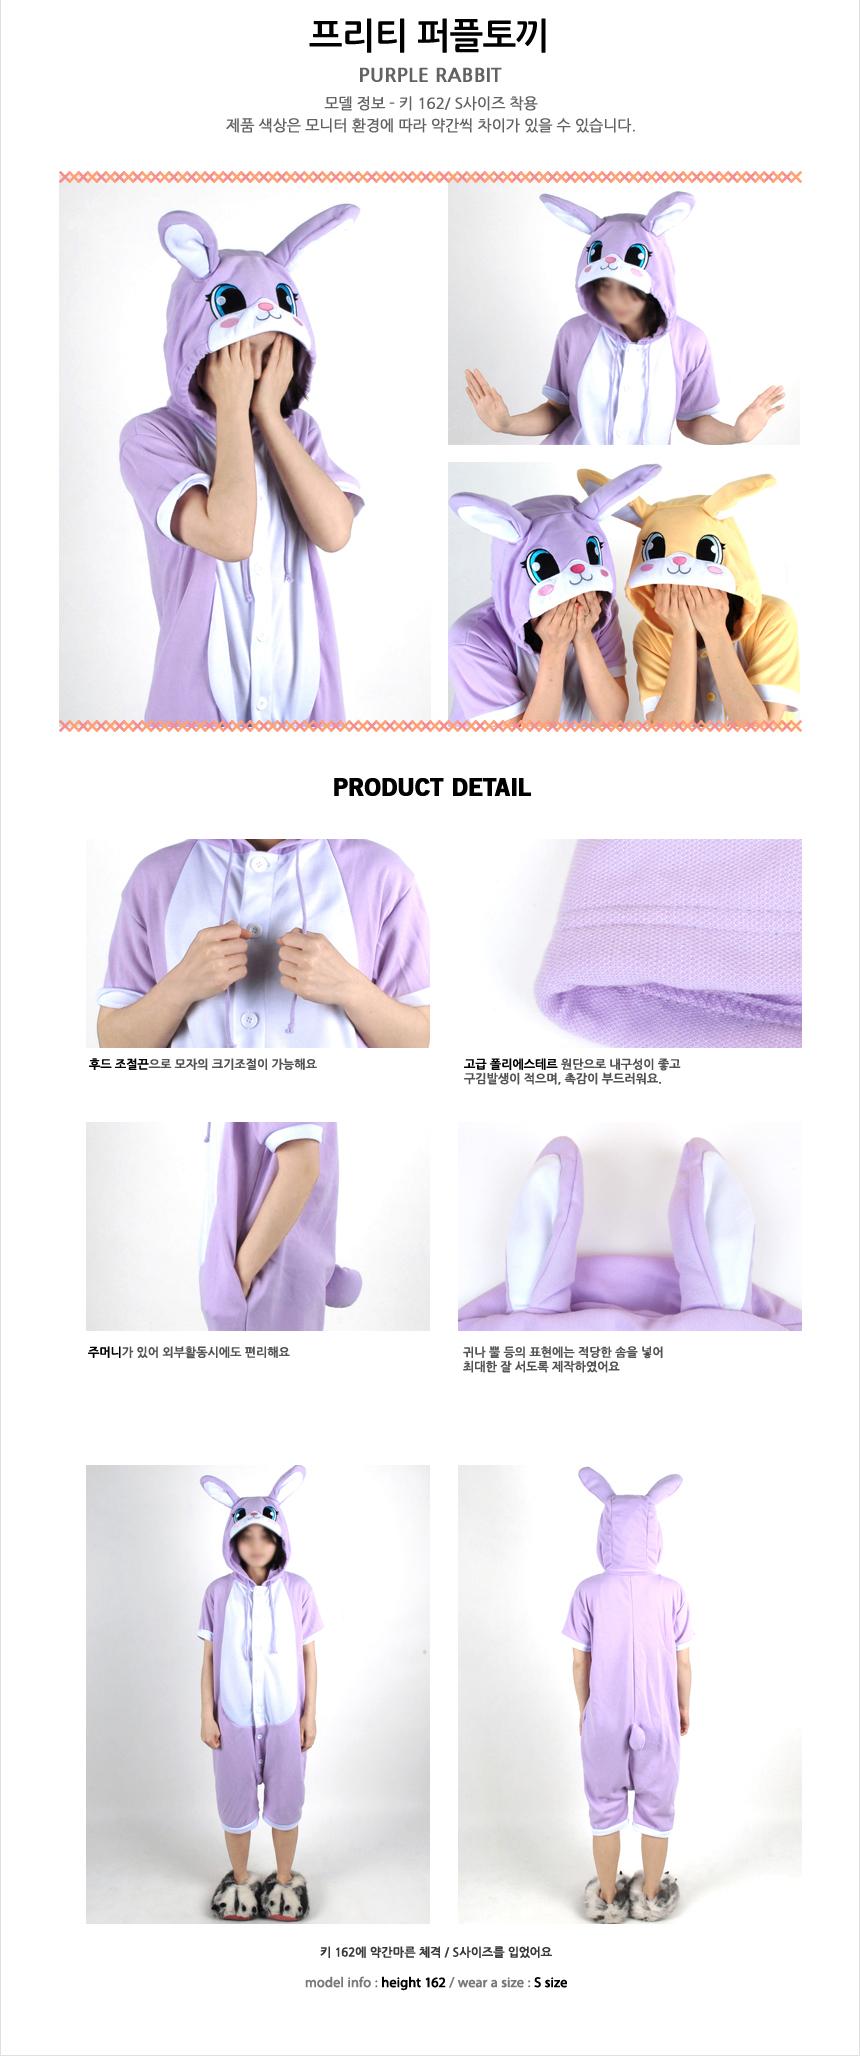 반팔 동물잠옷 토끼 (퍼플) - 스위트홀릭, 35,000원, 잠옷, 동물잠옷